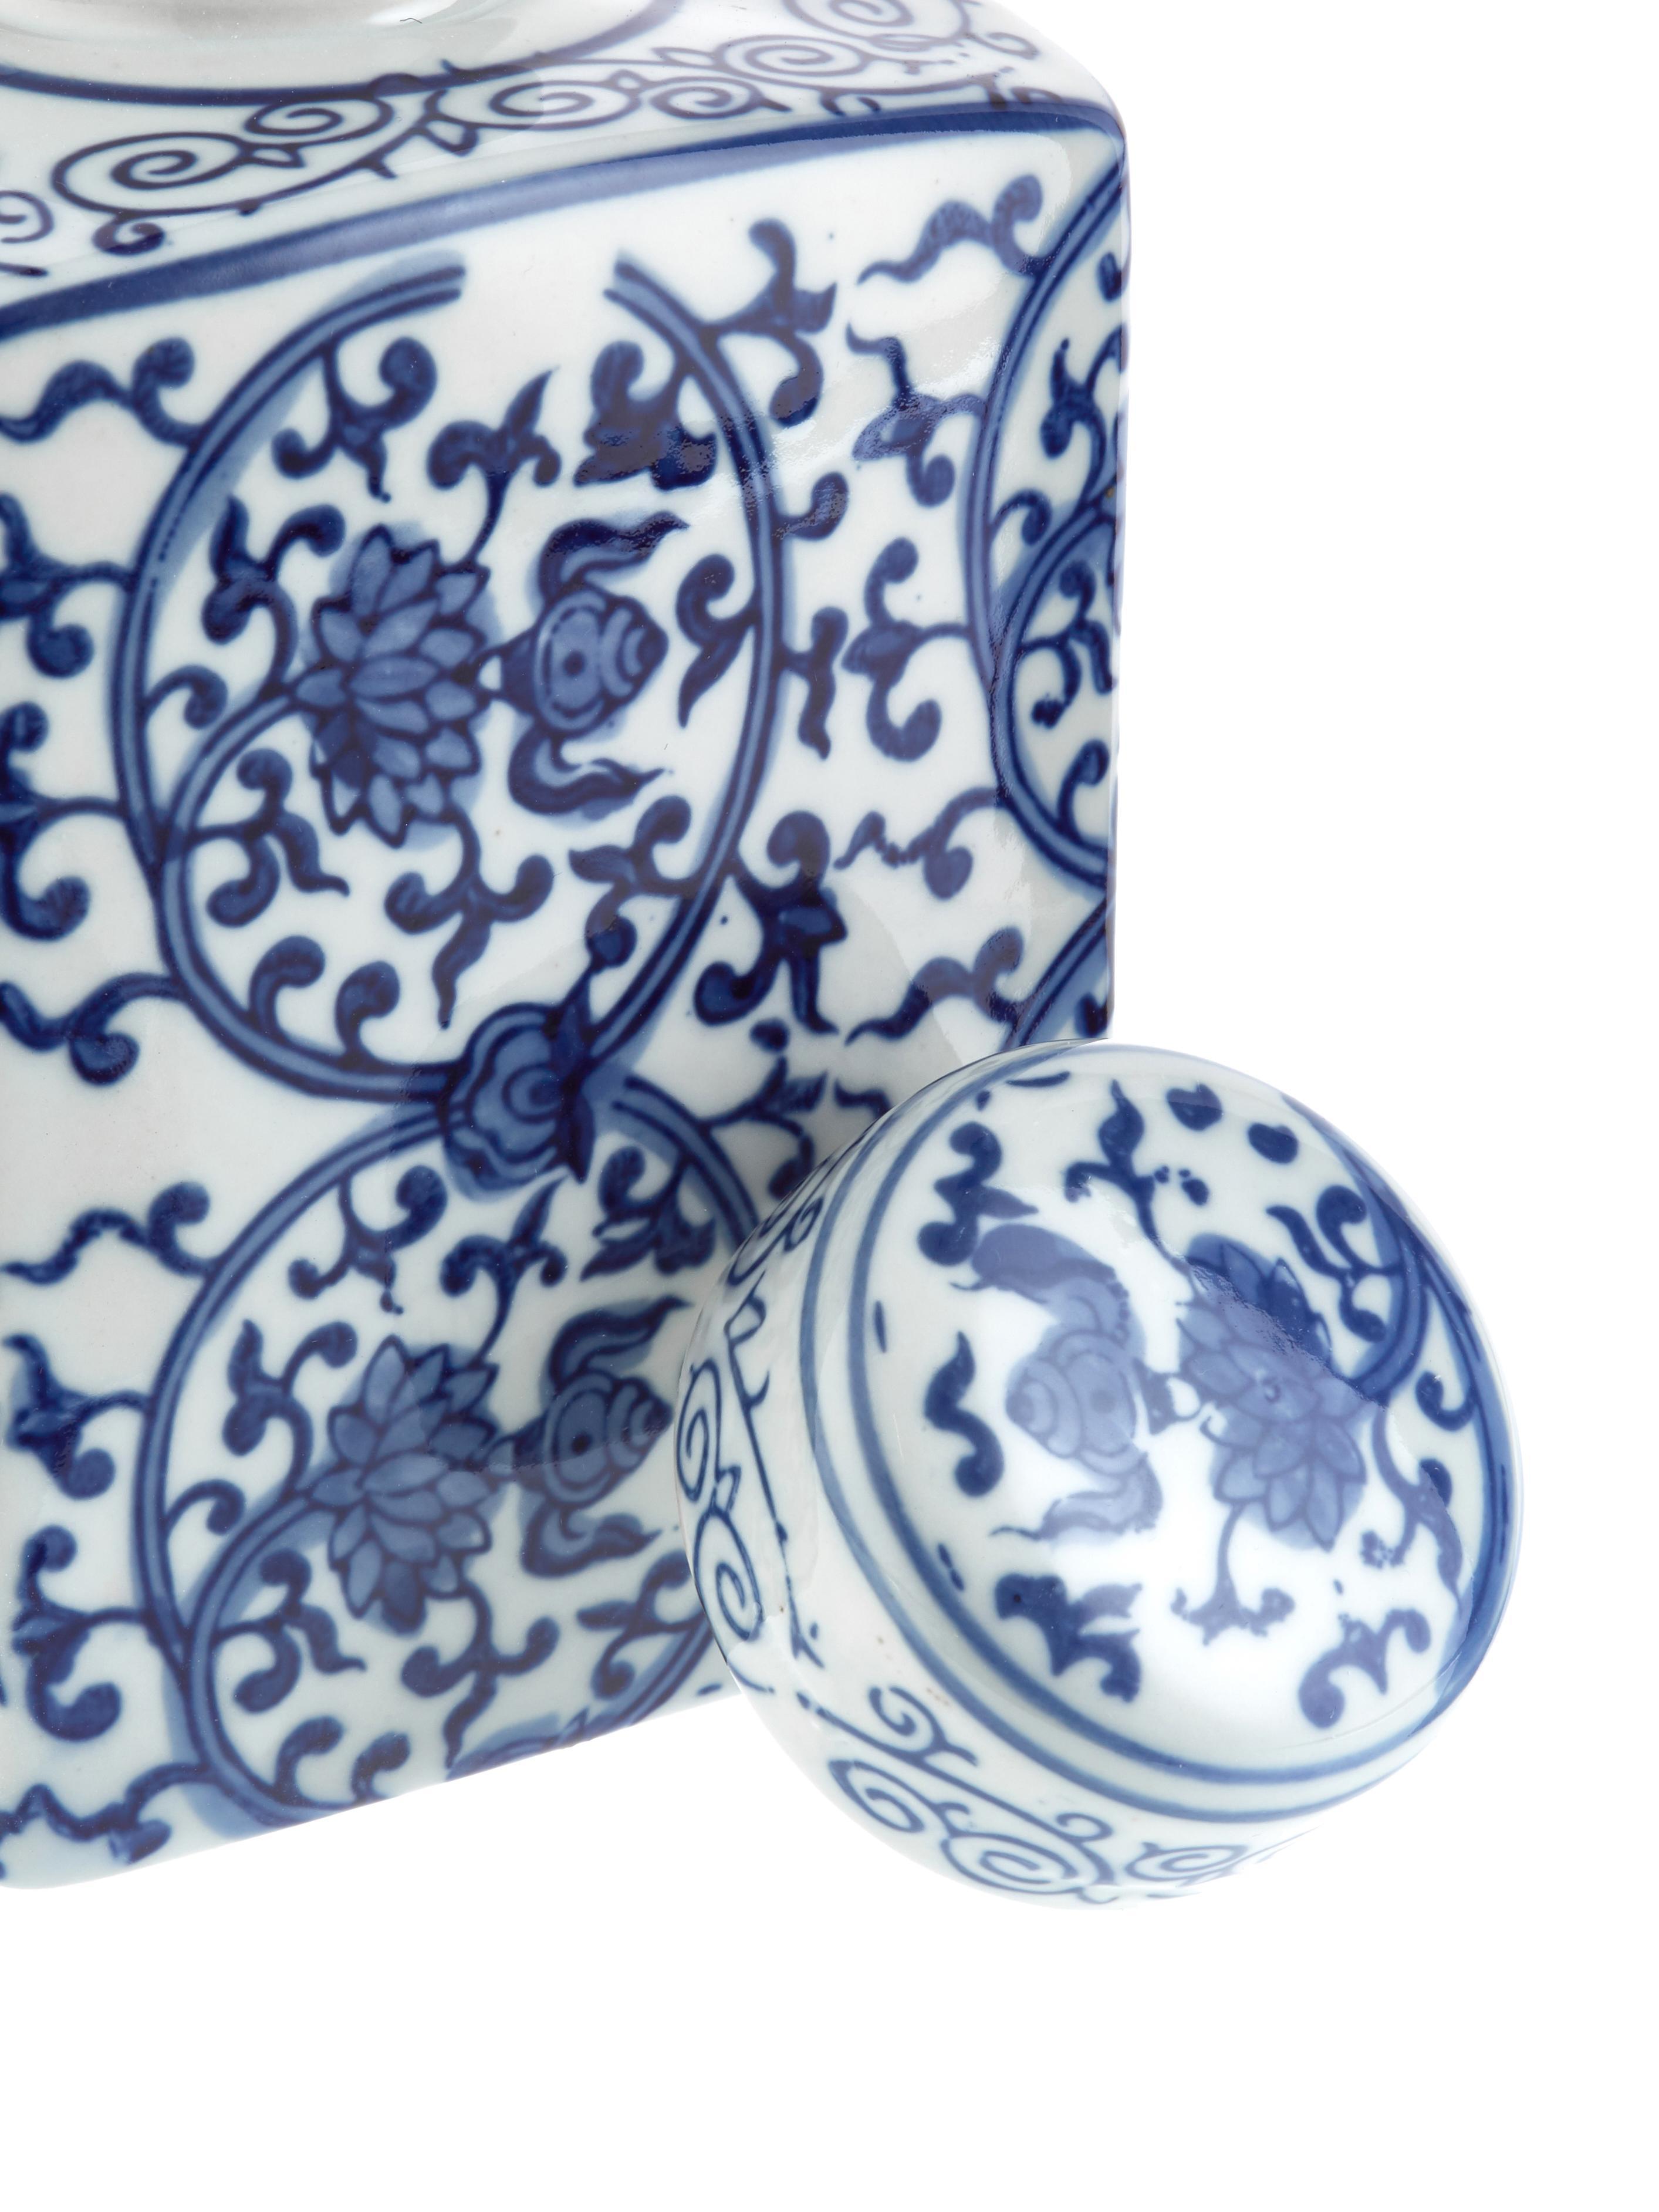 Deckelvase Ella aus Porzellan, Porzellan, Blau, Weiß, 11 x 17 cm